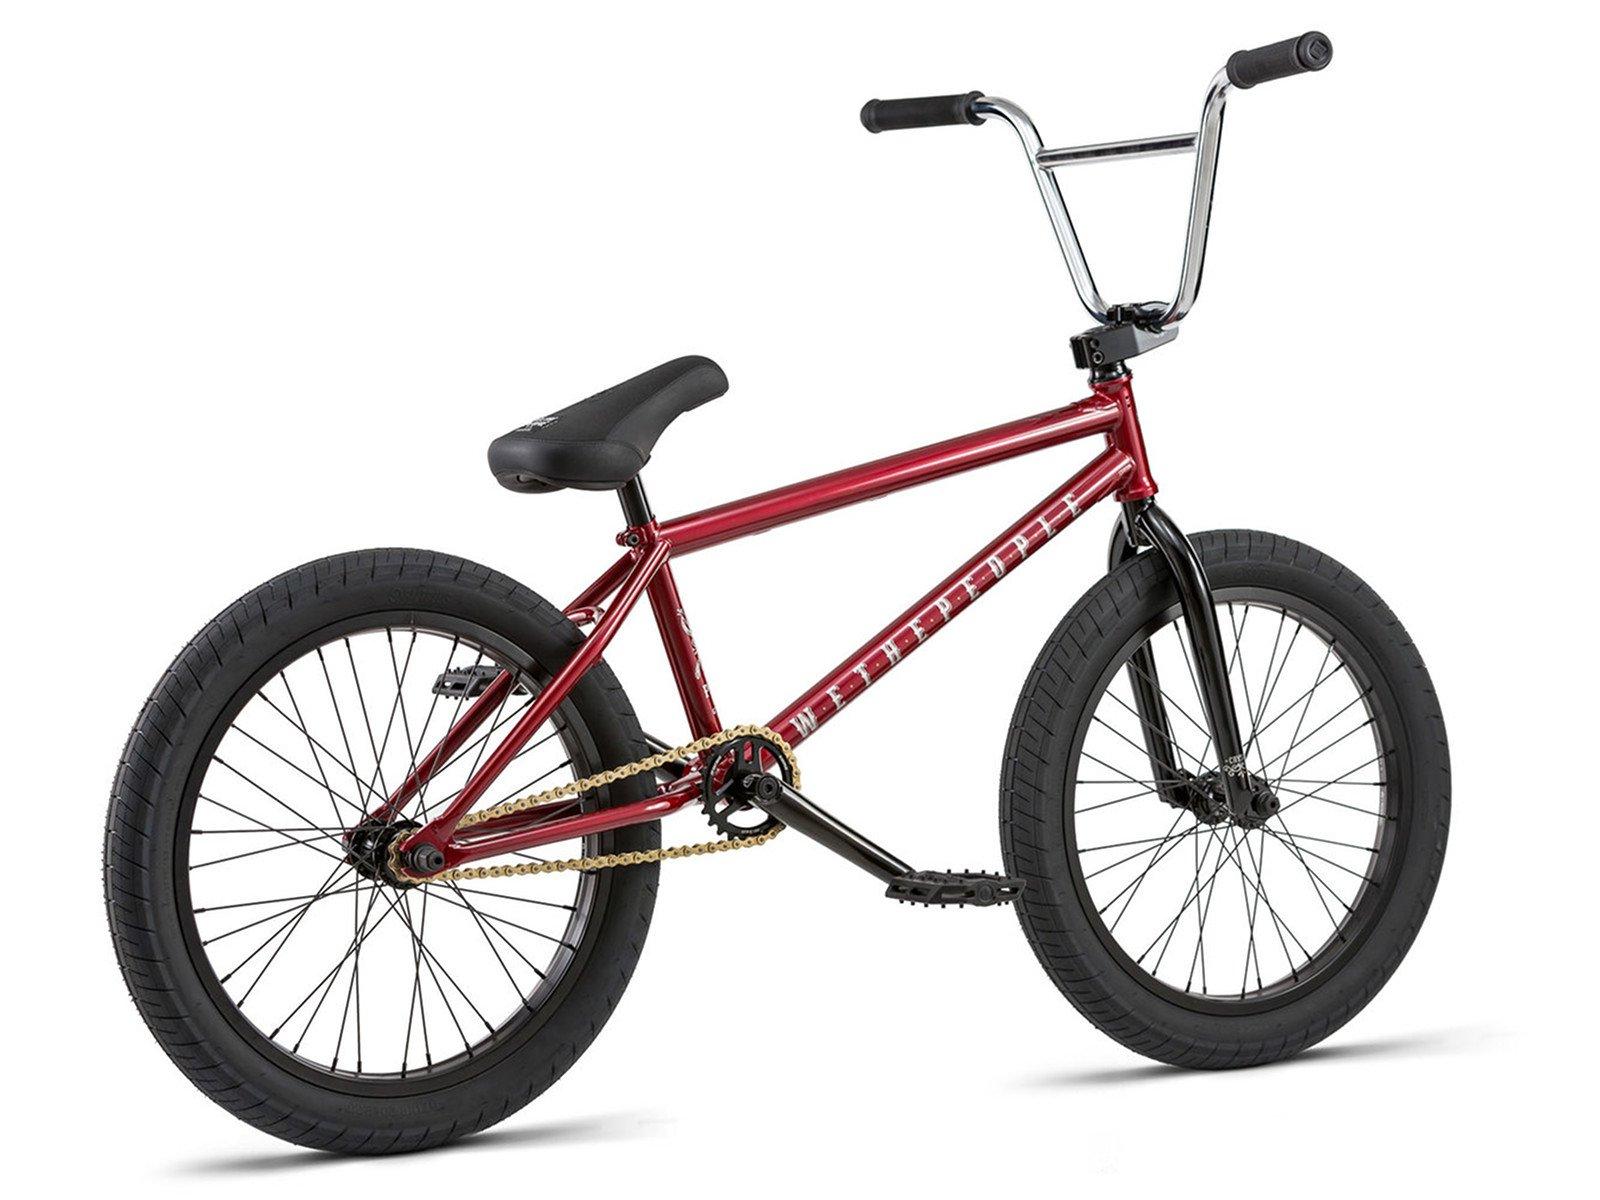 Wethepeople Quot Crysis Quot 2018 Bmx Bike Metallic Red